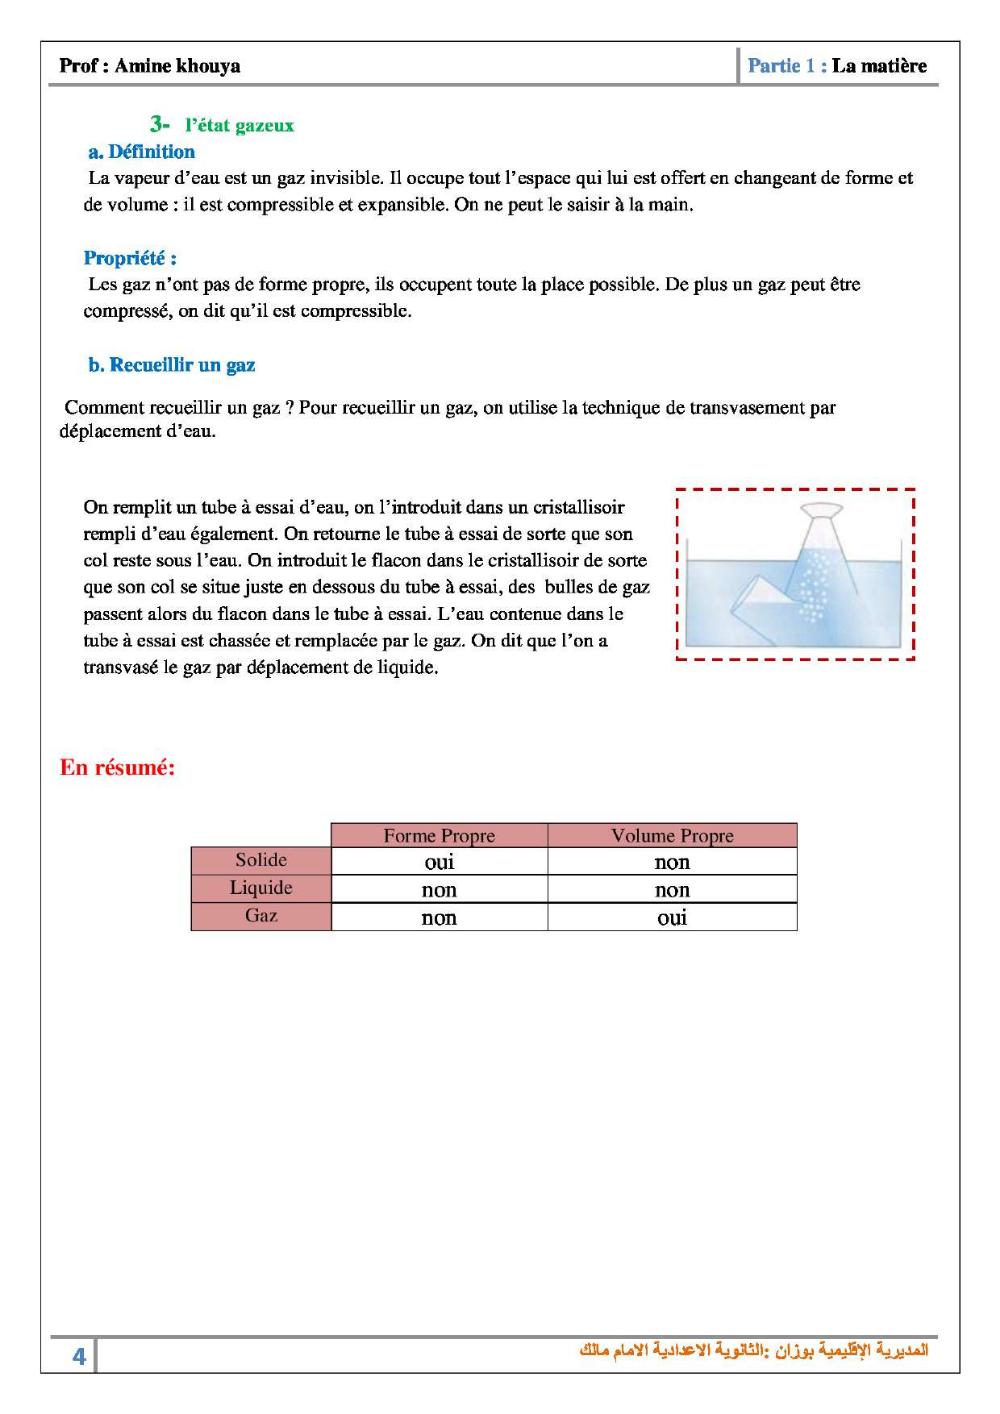 Les Etats Physiques De La Matiere Cours 1 Alloschool Formules De Physique Etat Gazeux Physique